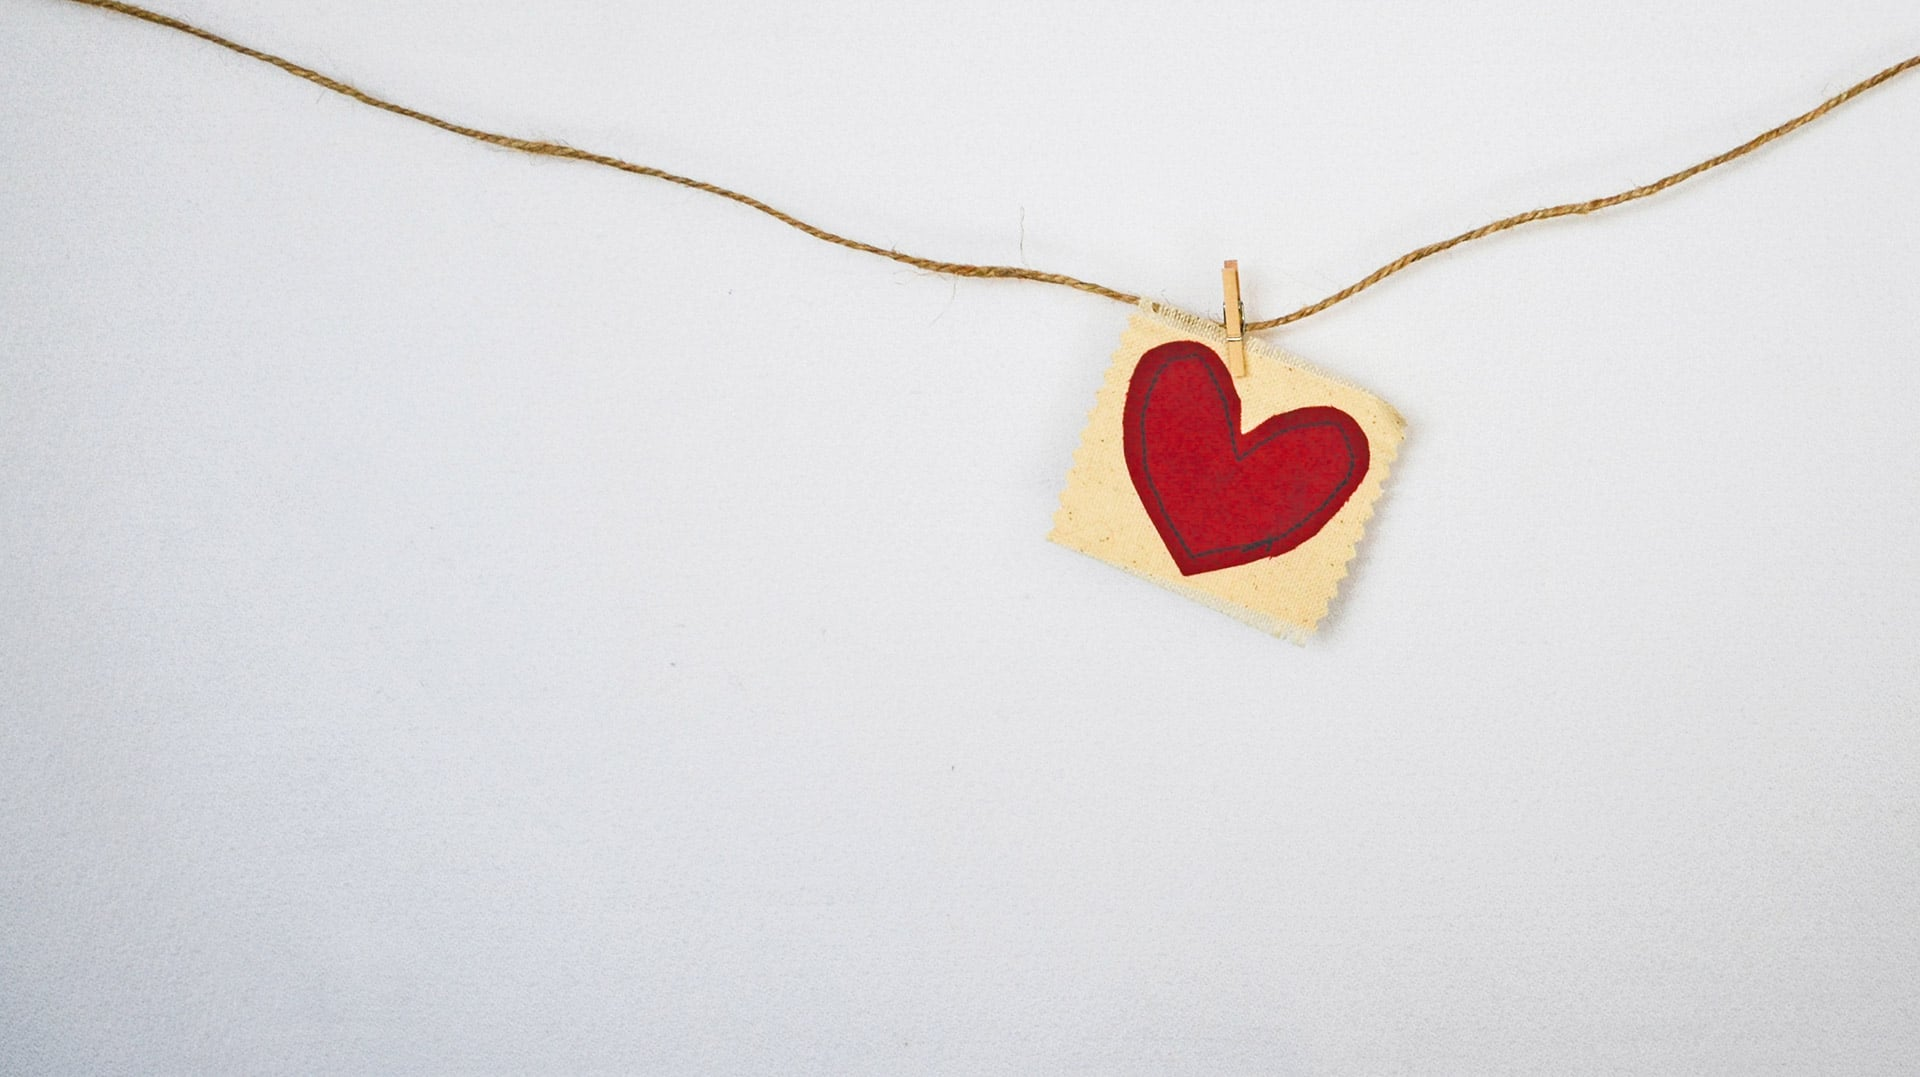 Was steckt hinter dem plötzlichen Herztod?